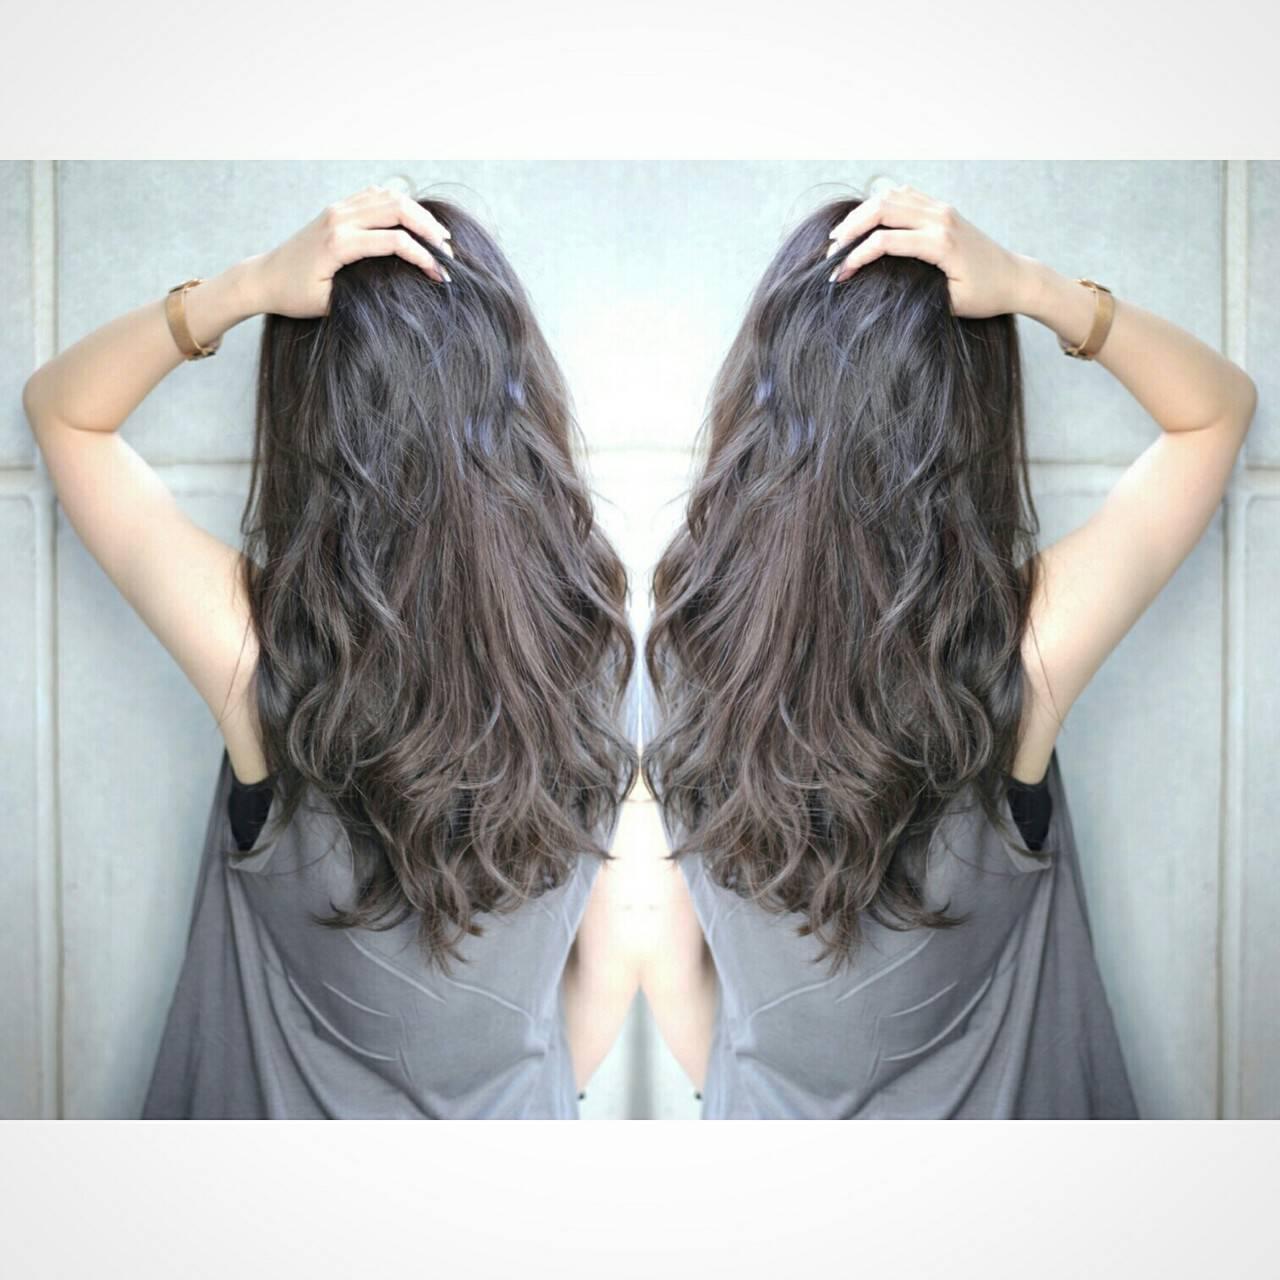 暗髪 コンサバ グレージュ ボブヘアスタイルや髪型の写真・画像